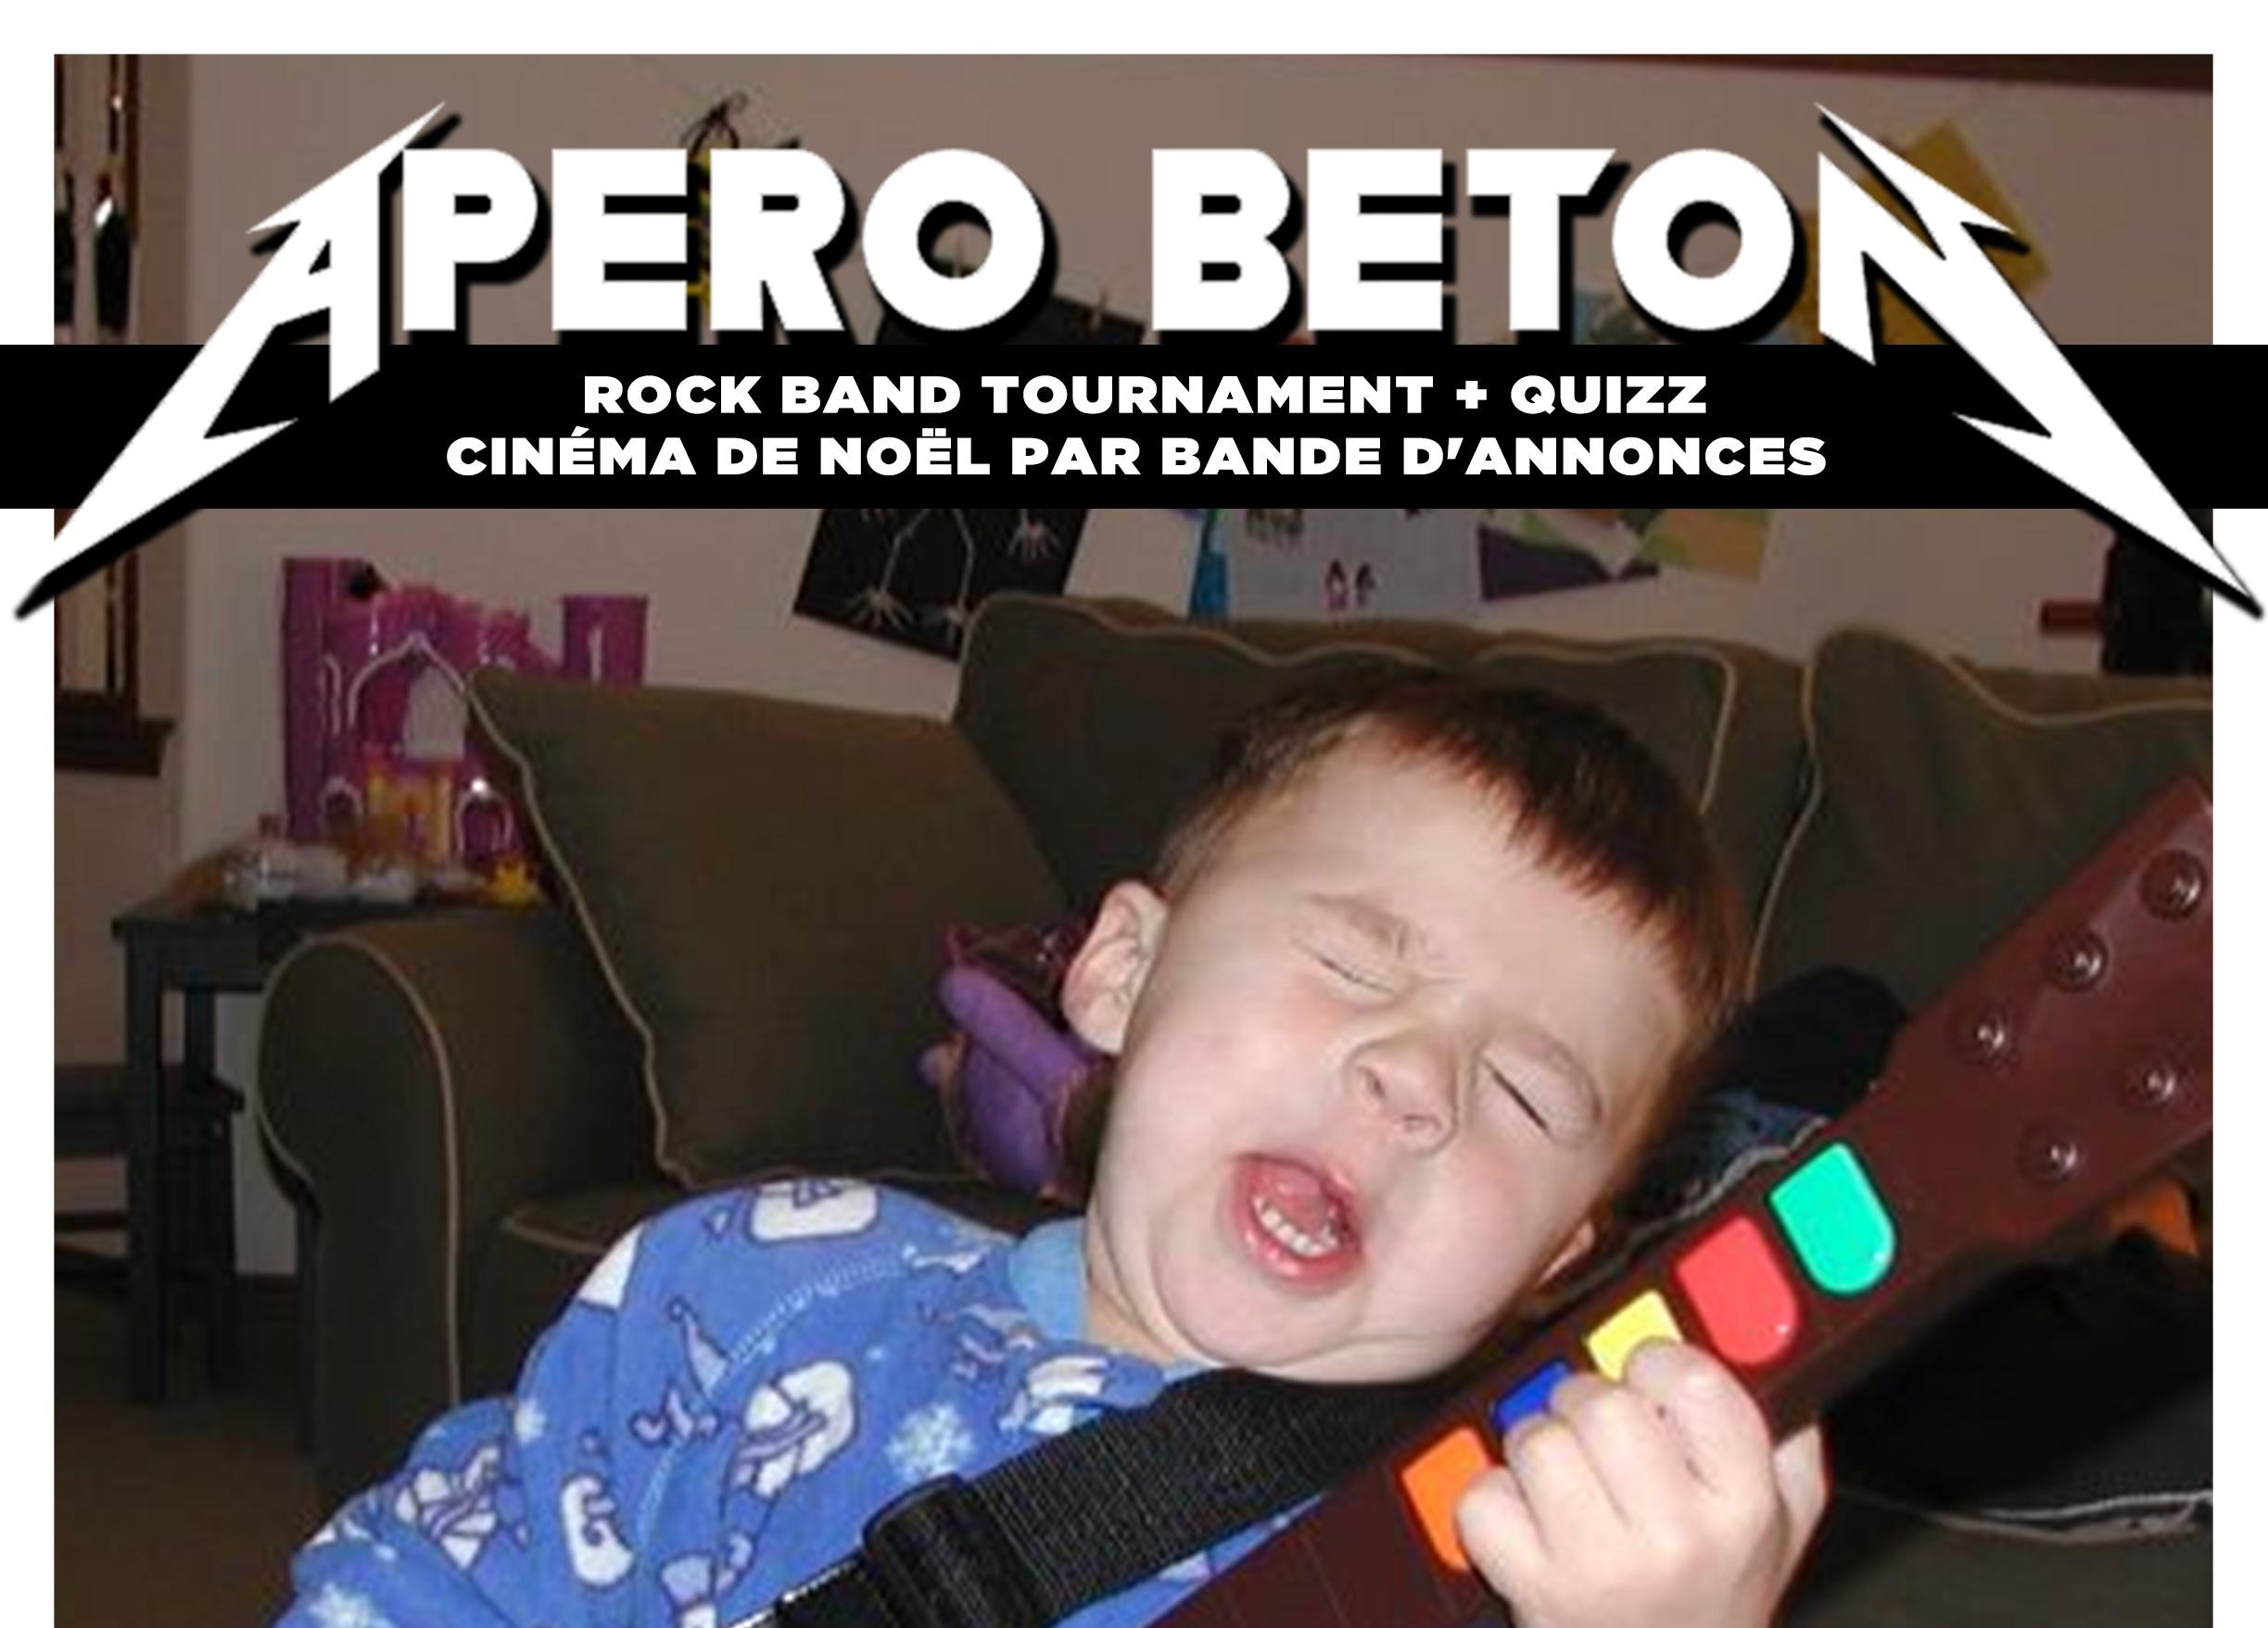 L'apéro Béton de Noël spécial Rock Band & Quizz Ciné !